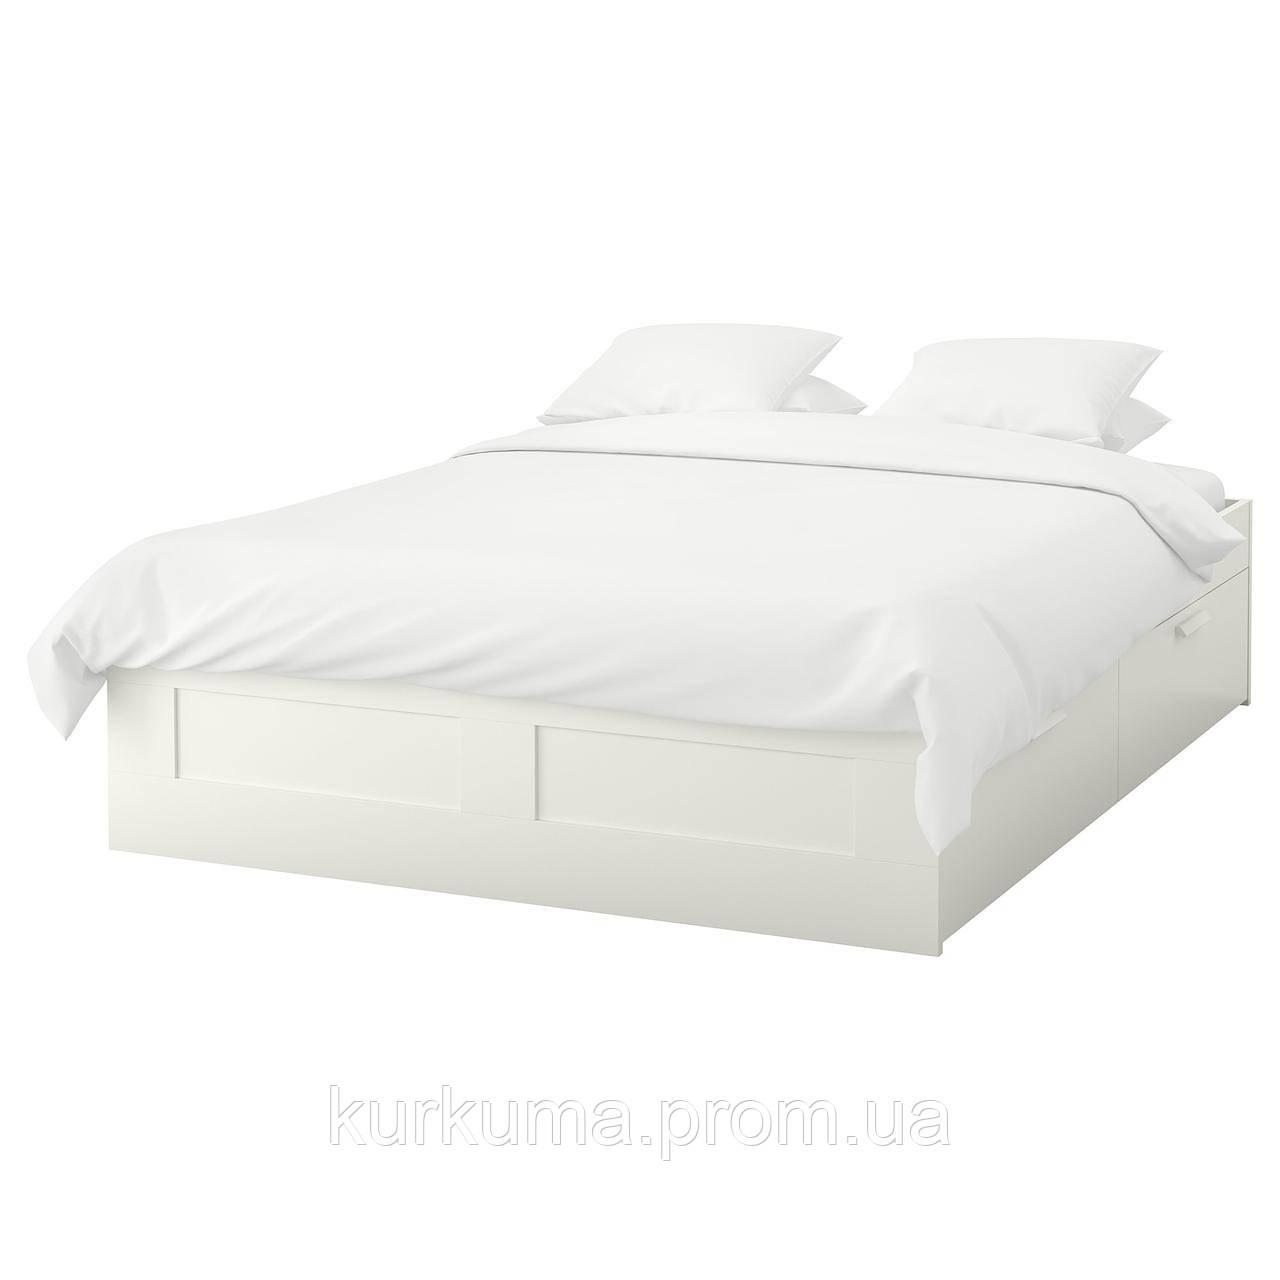 IKEA BRIMNES Кровать с ящиками, белый  (999.029.39)